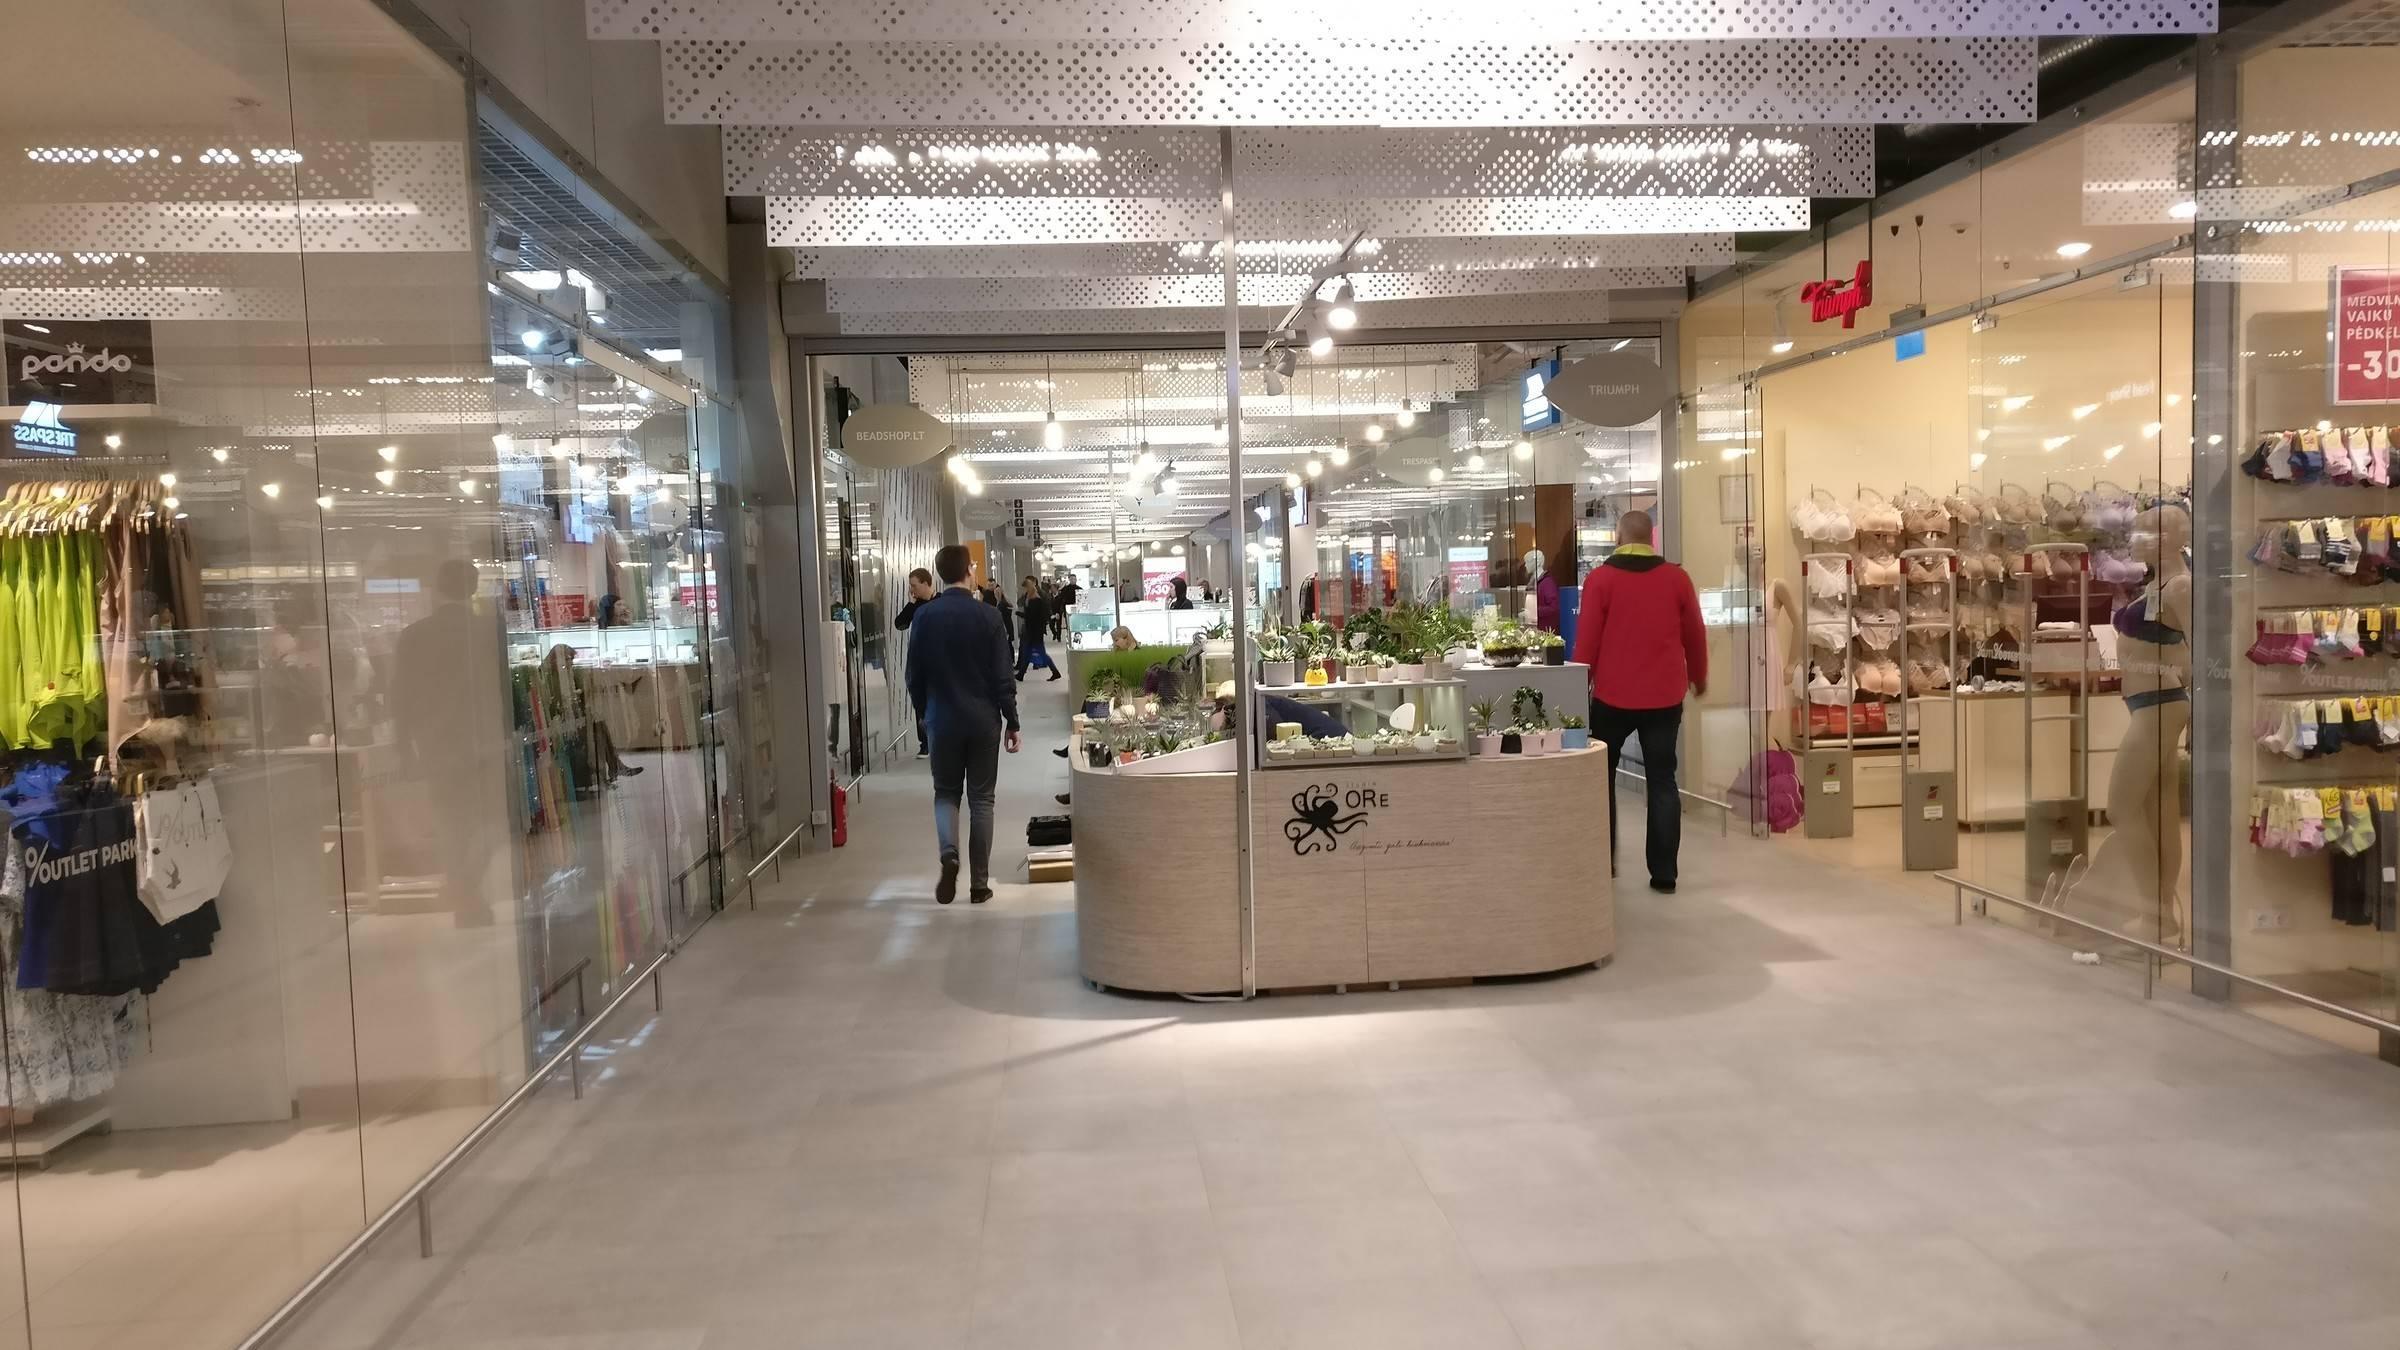 Шоппинг в риме — распродажи 2021, аутлеты, торговые центры на туристер.ру